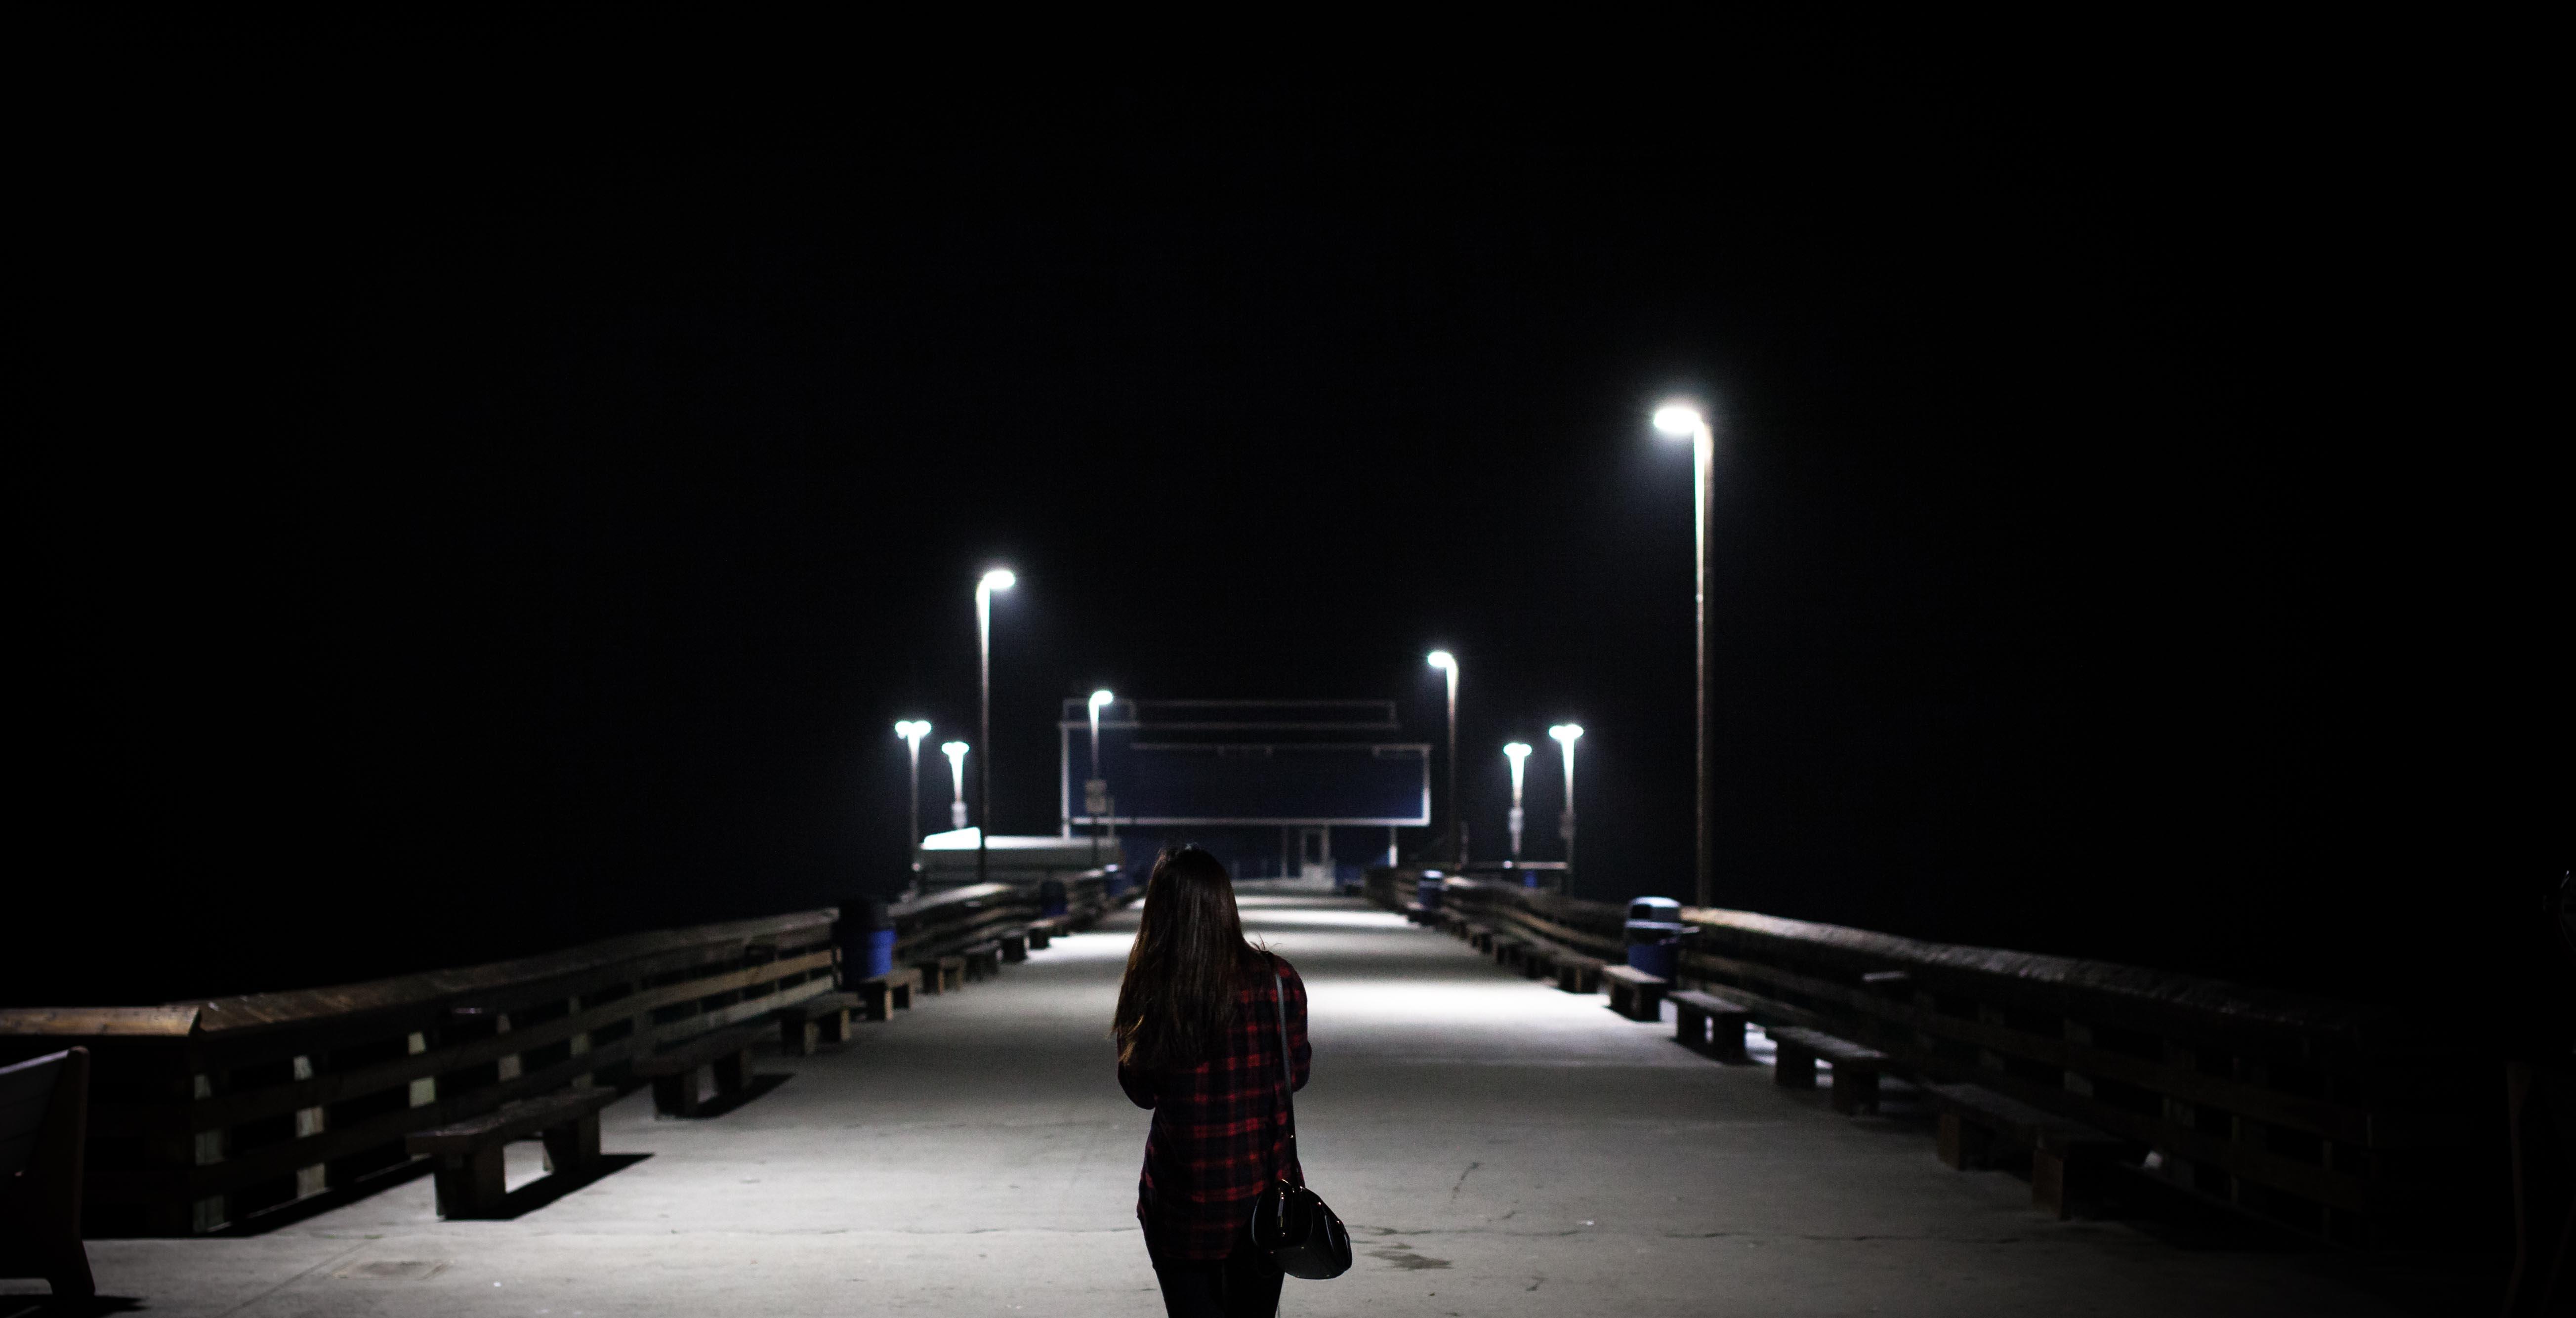 無料画像 : 光, 夜, 闇, 街路灯, 点灯, 照明器具 5214x2668